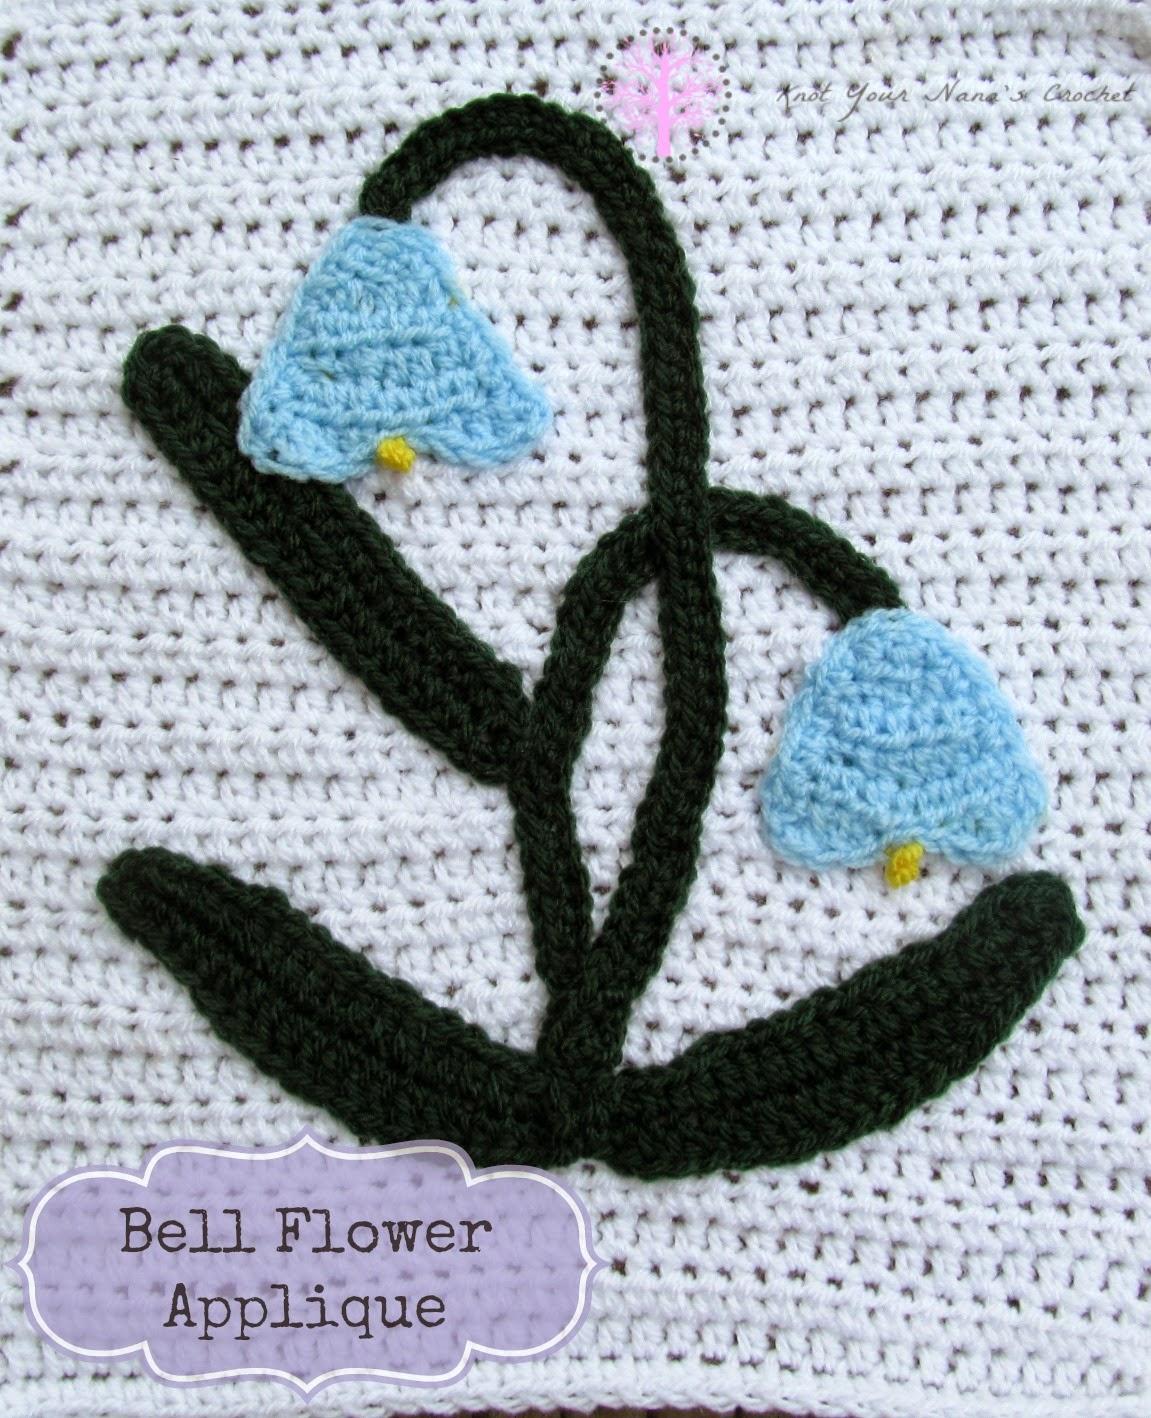 Bell Flower Crochet Applique